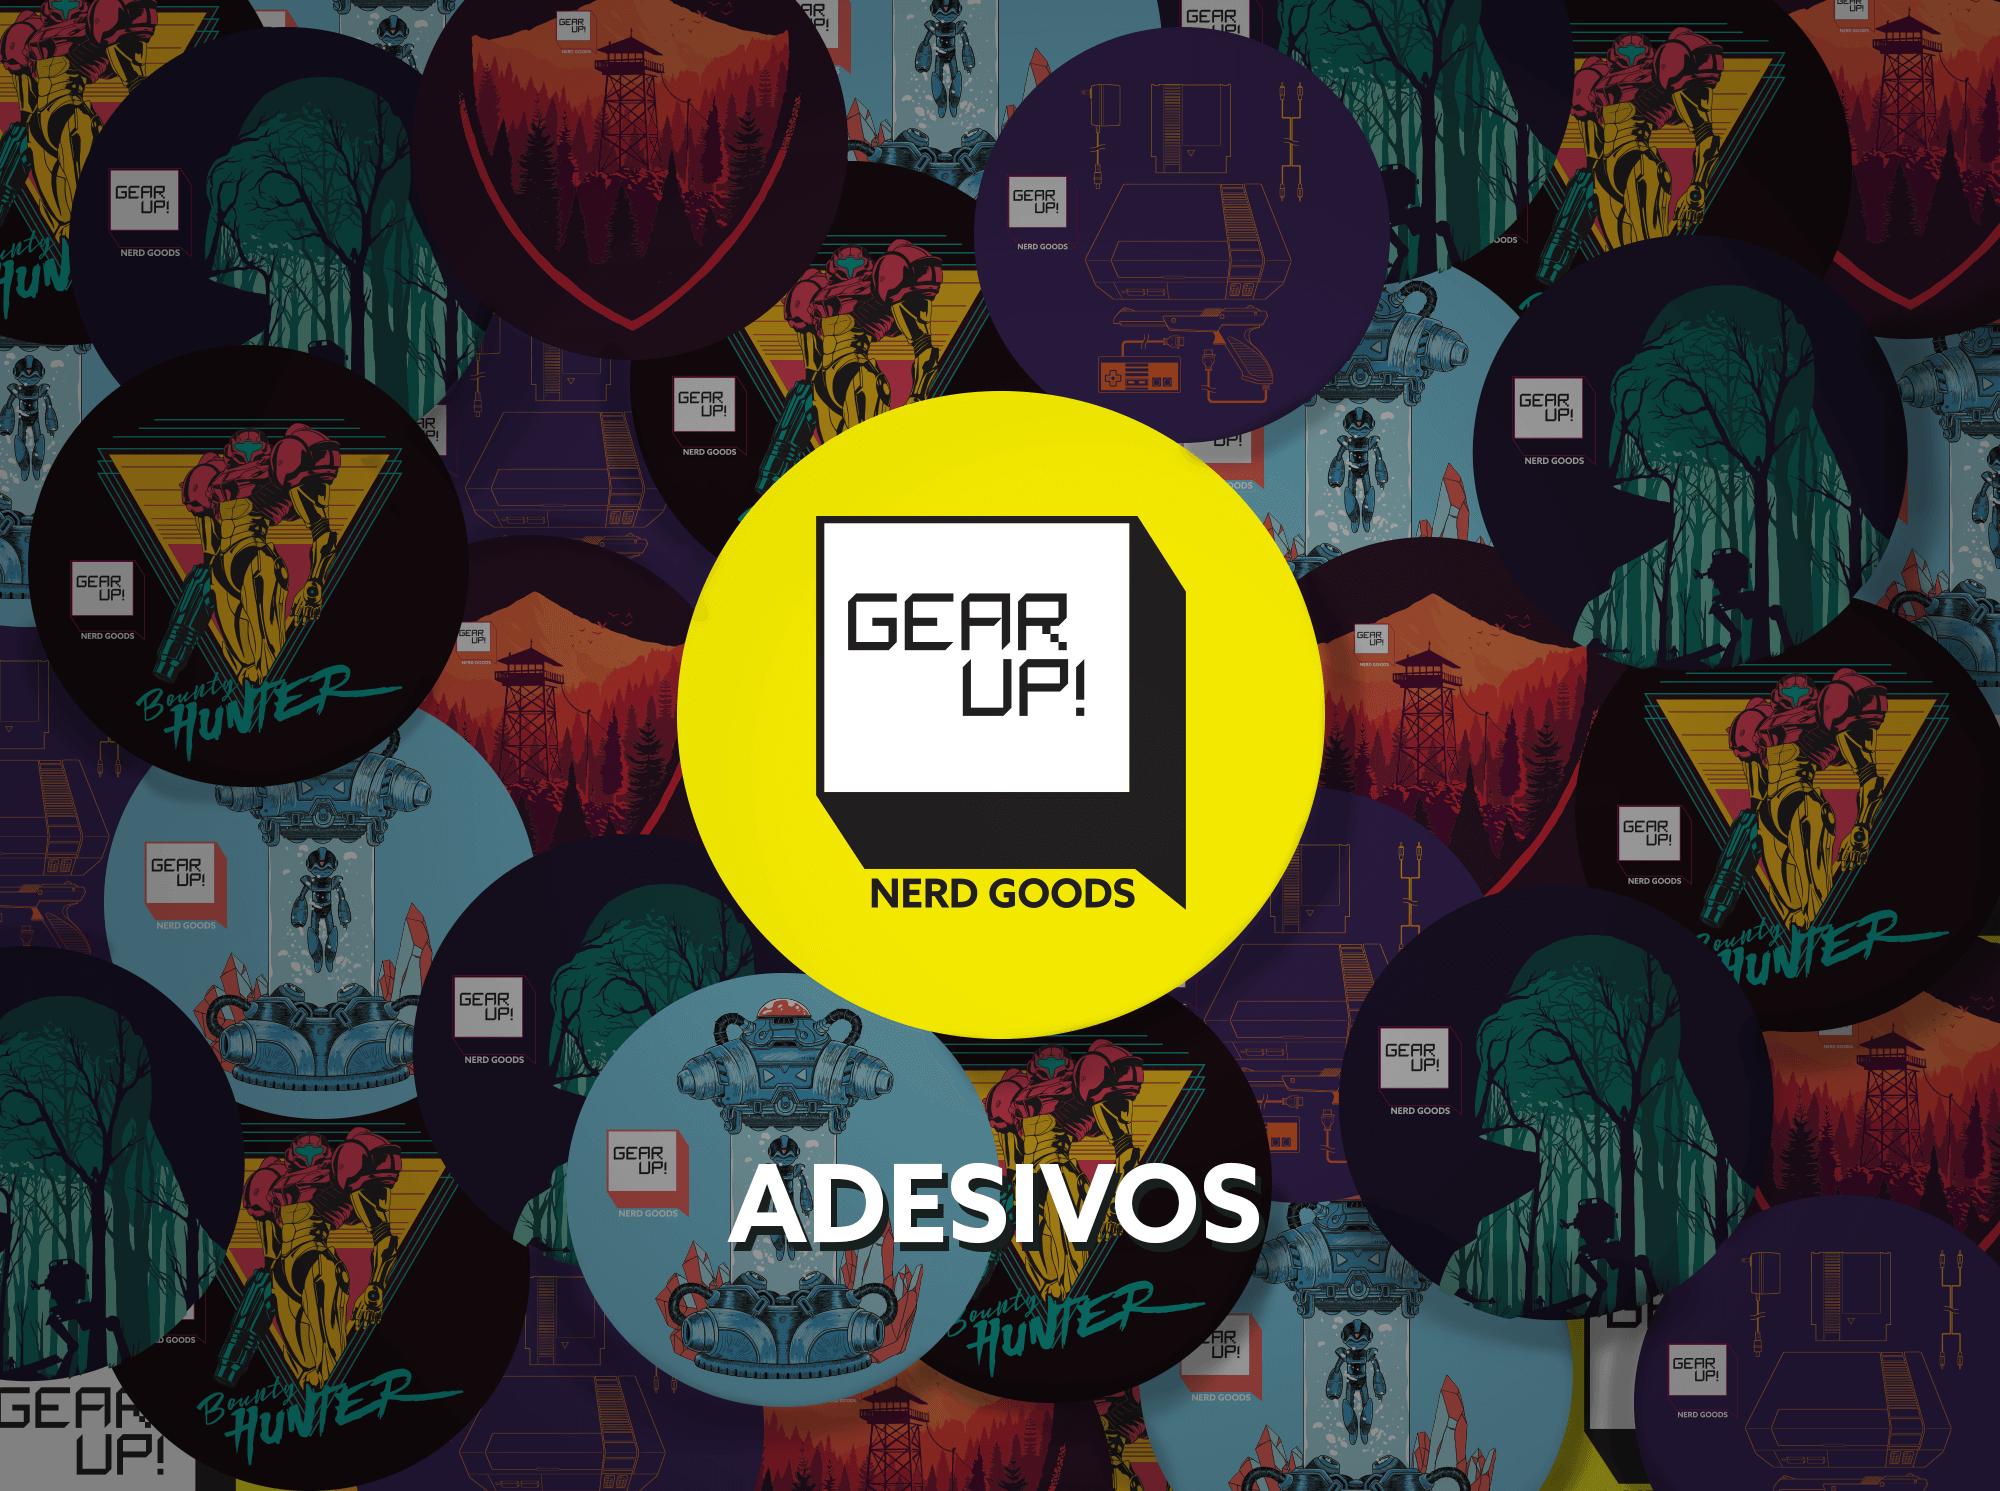 adesivos-1